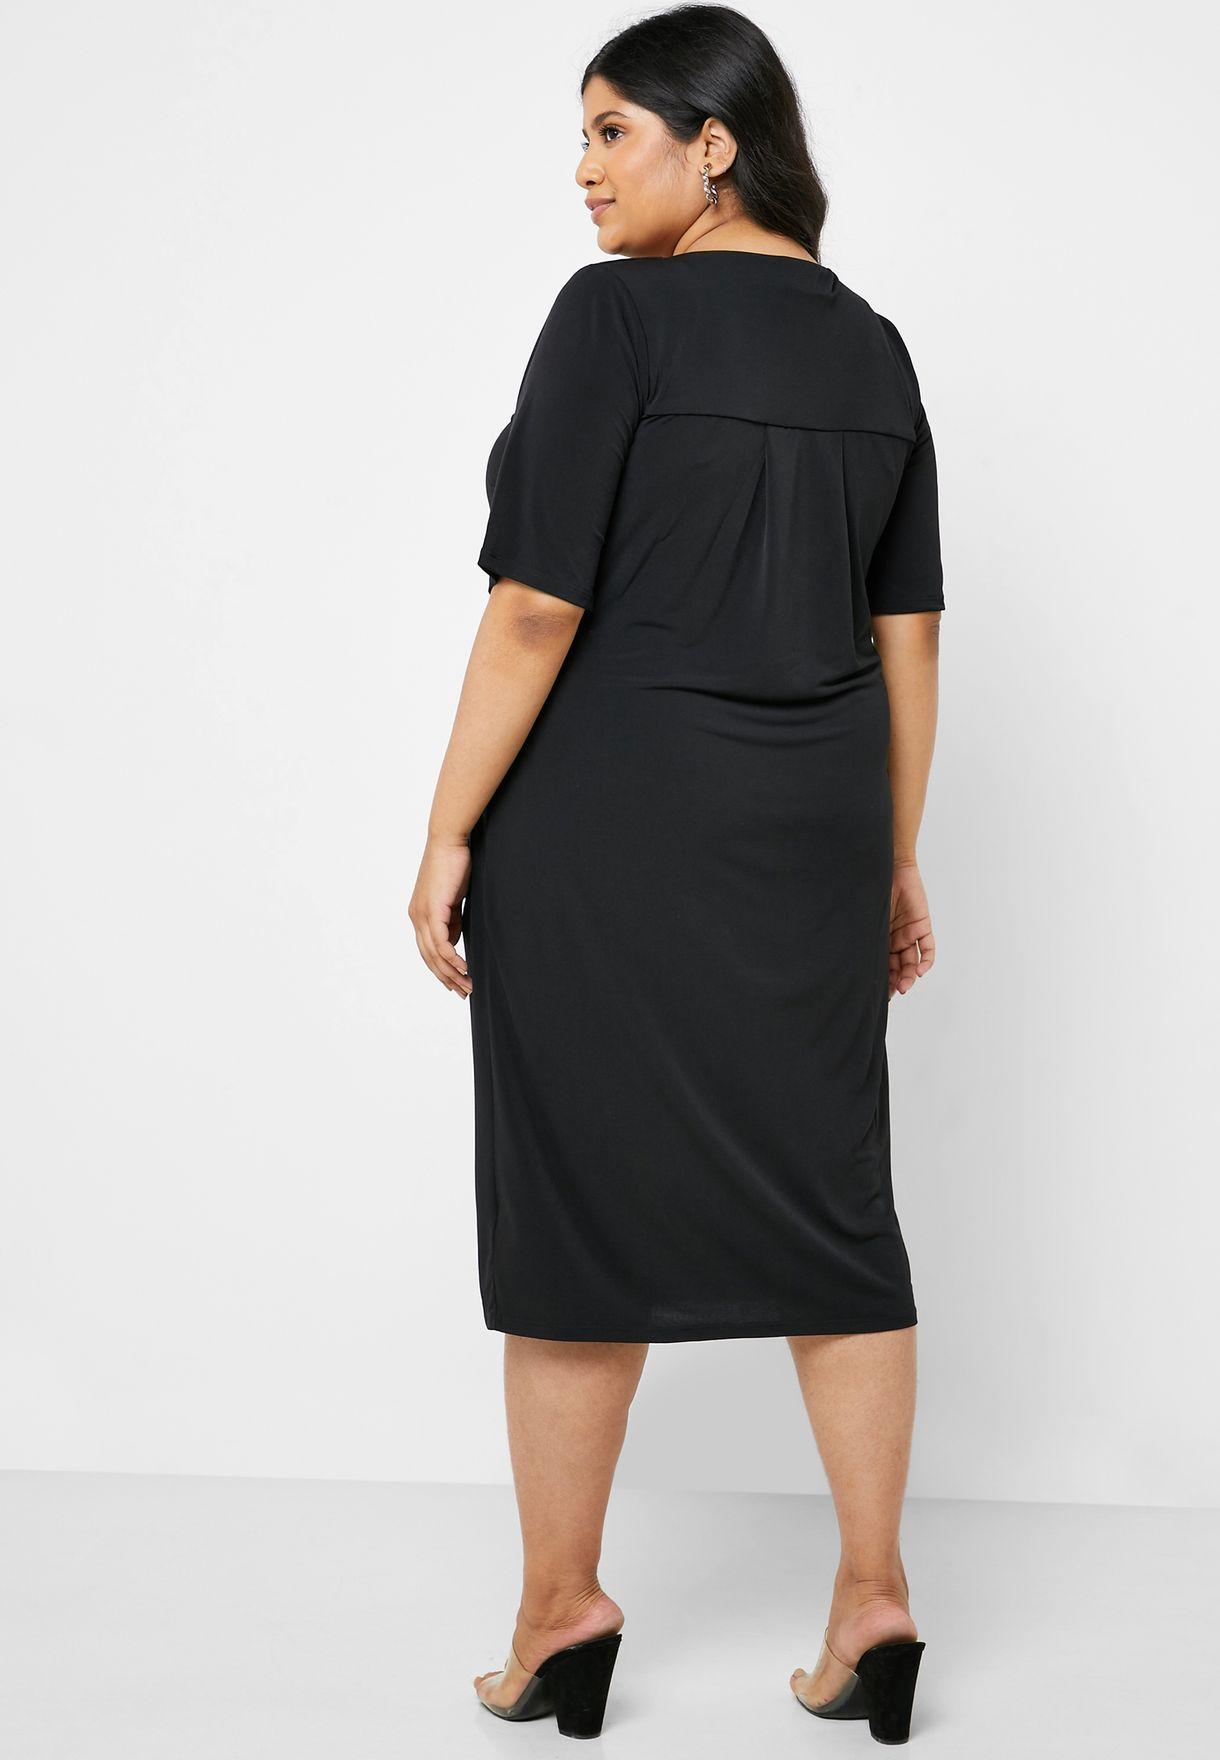 Notch Neck Pleated Dress